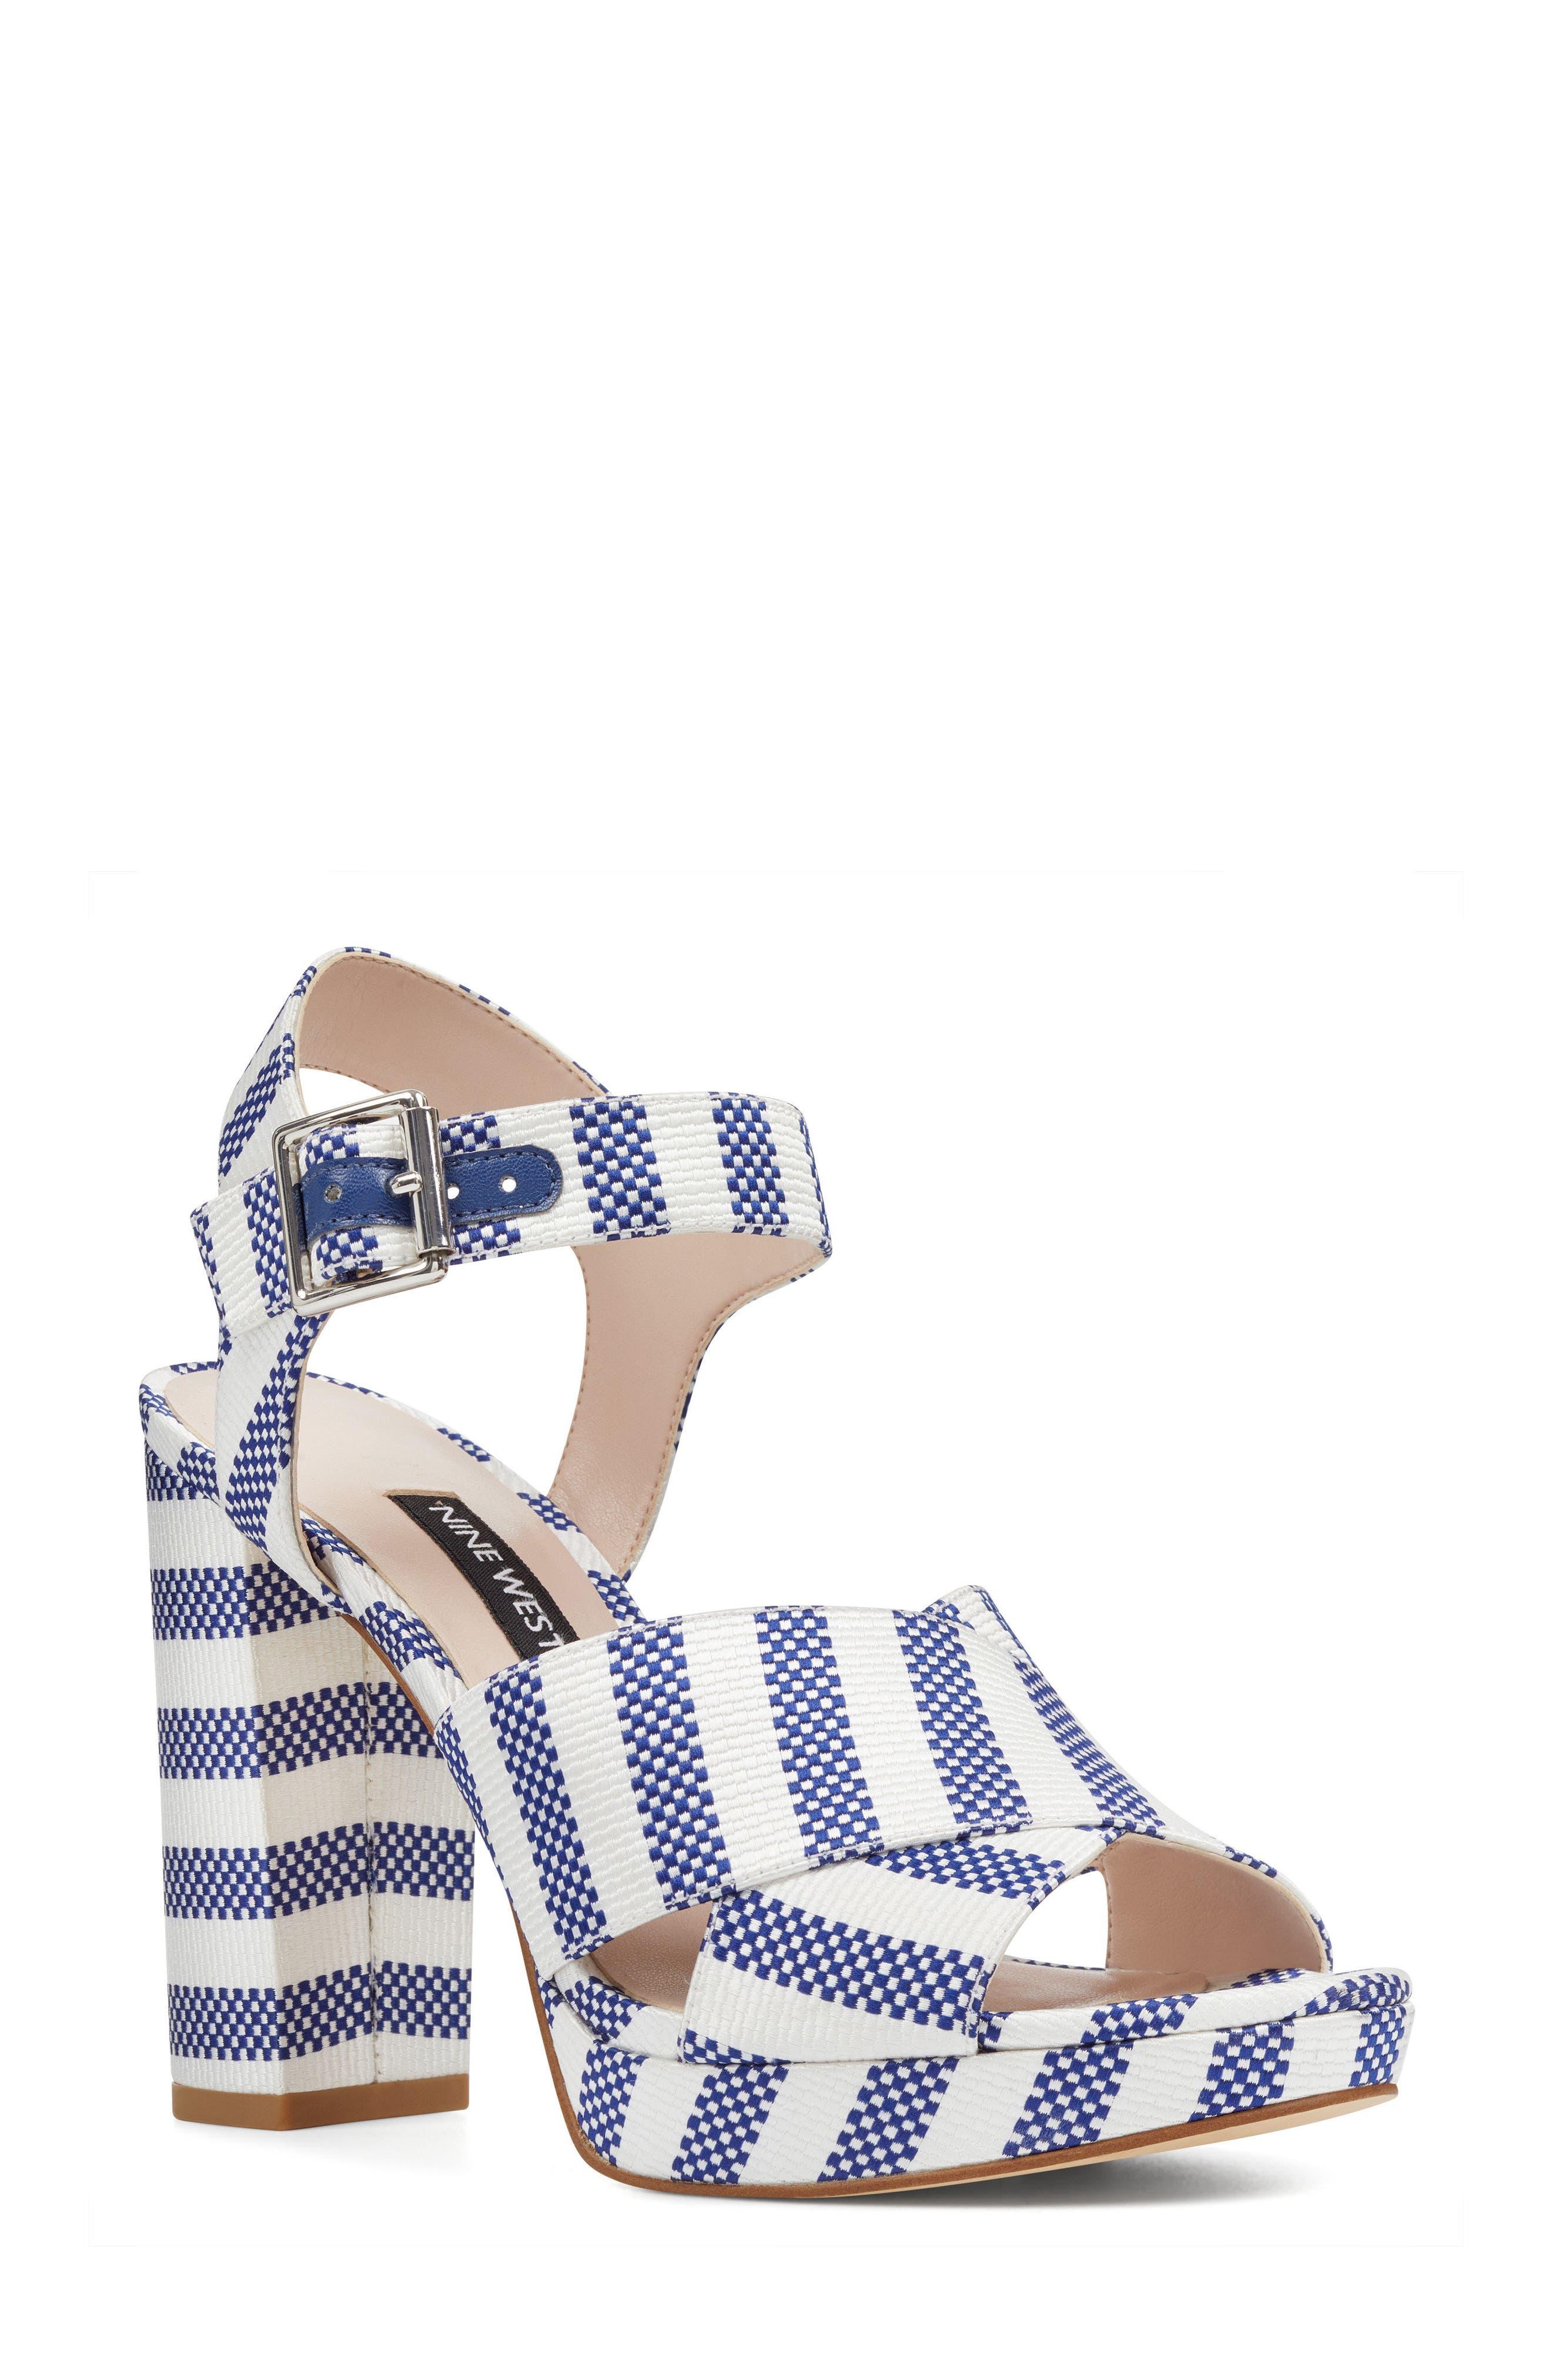 Alternate Image 1 Selected - Nine West Jimar Platform Sandal (Women)